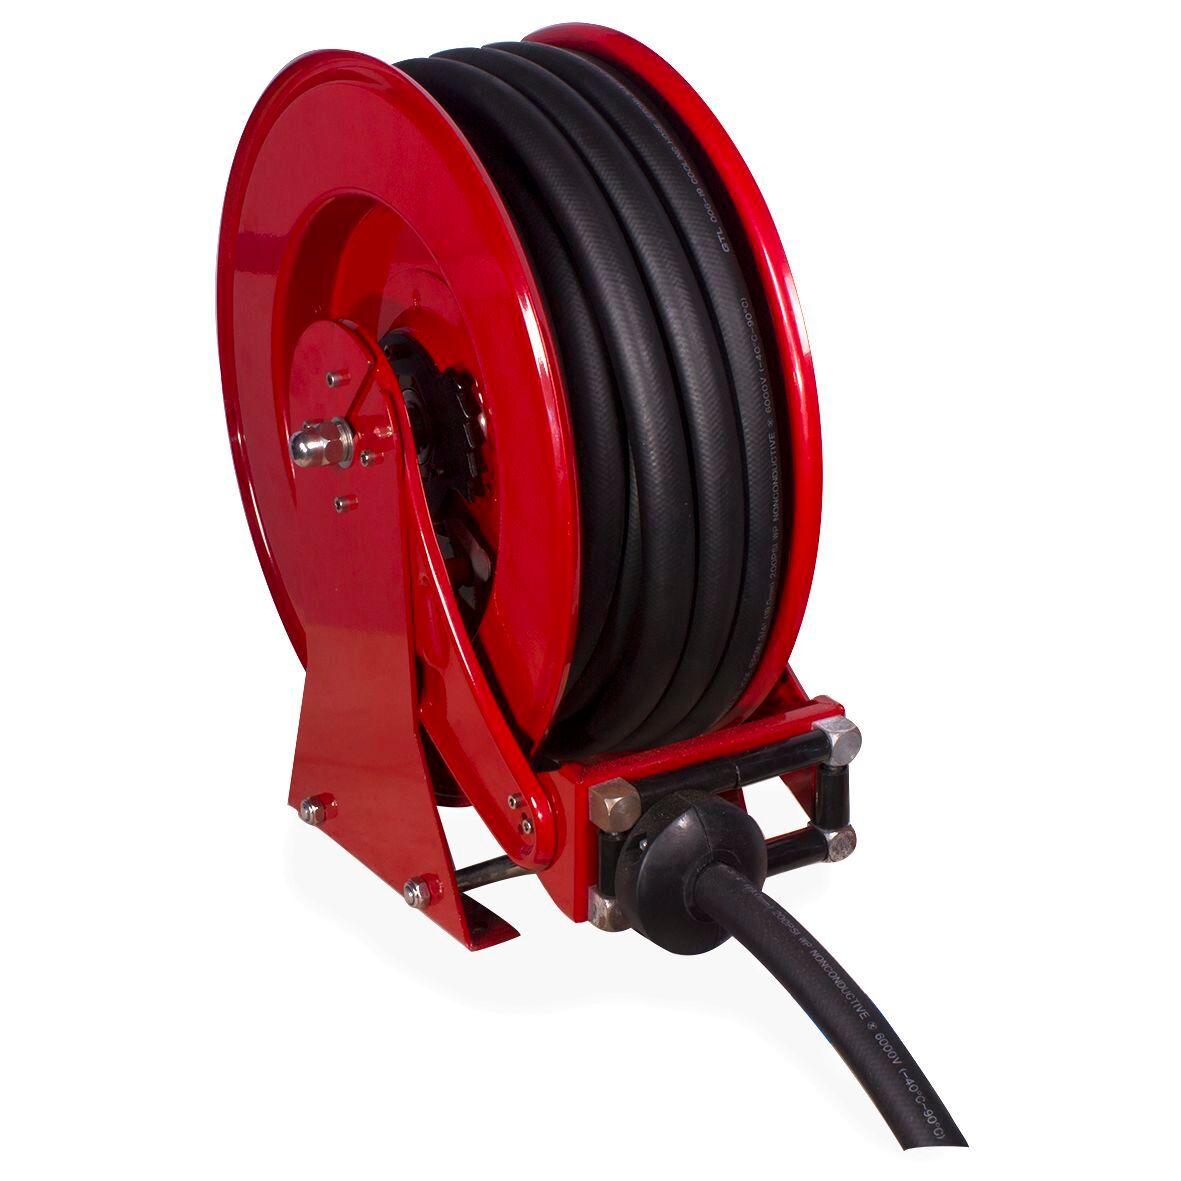 Mw-tools Enrouleur tuyau adblue 3/4 20 bars 15 m MW-Tools SHAD3415